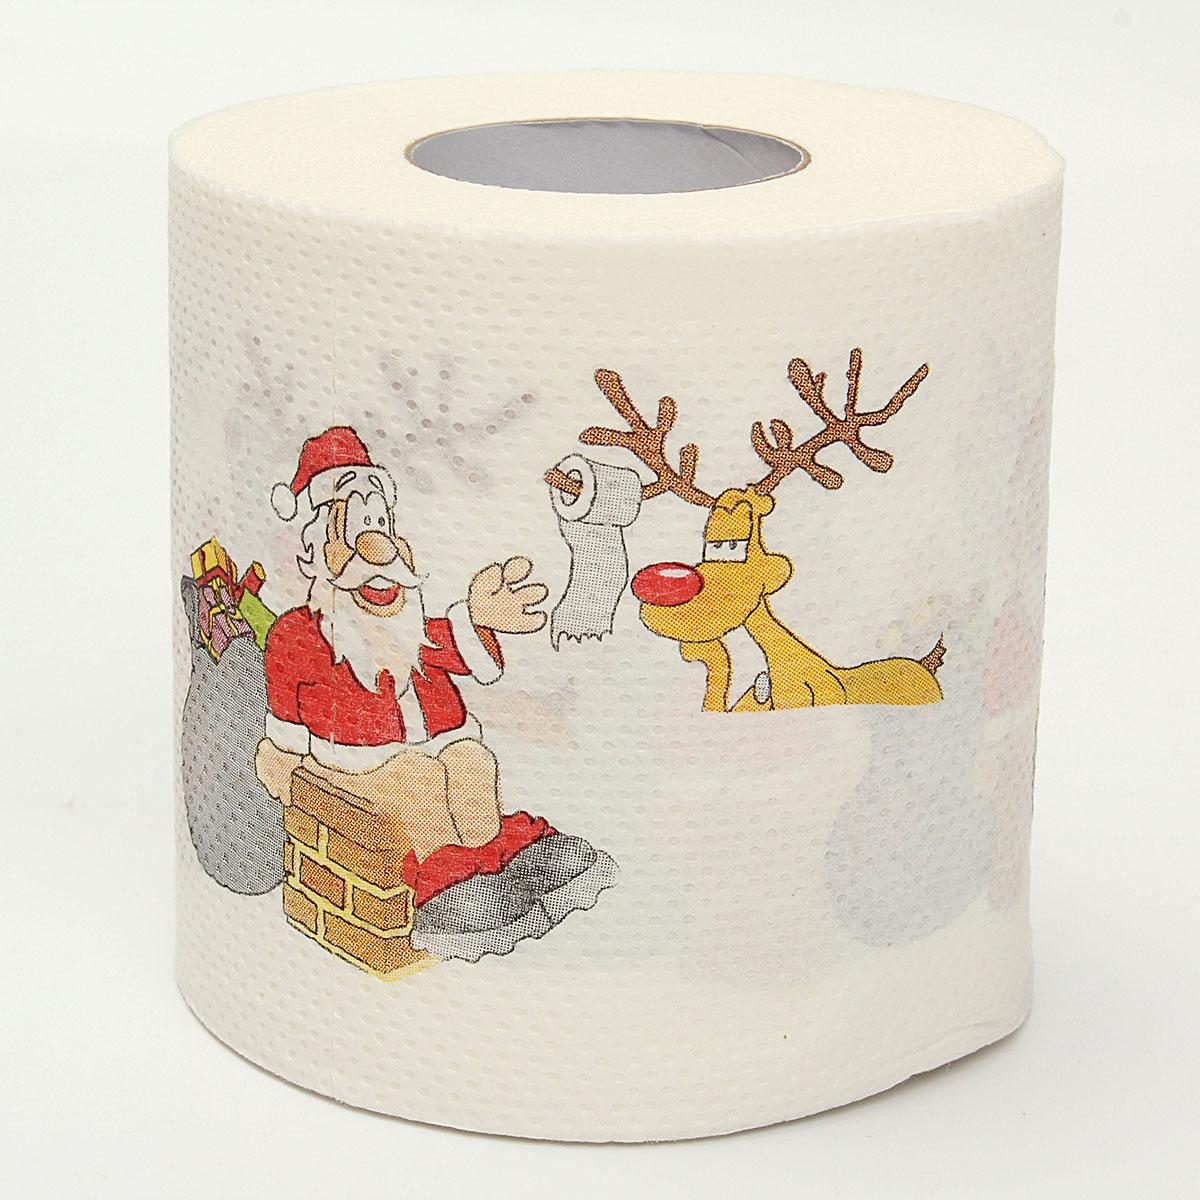 Dr le serviette papier toilette rouleaux deux couches p re no l impression achat vente - Pere noel en rouleau de papier toilette ...